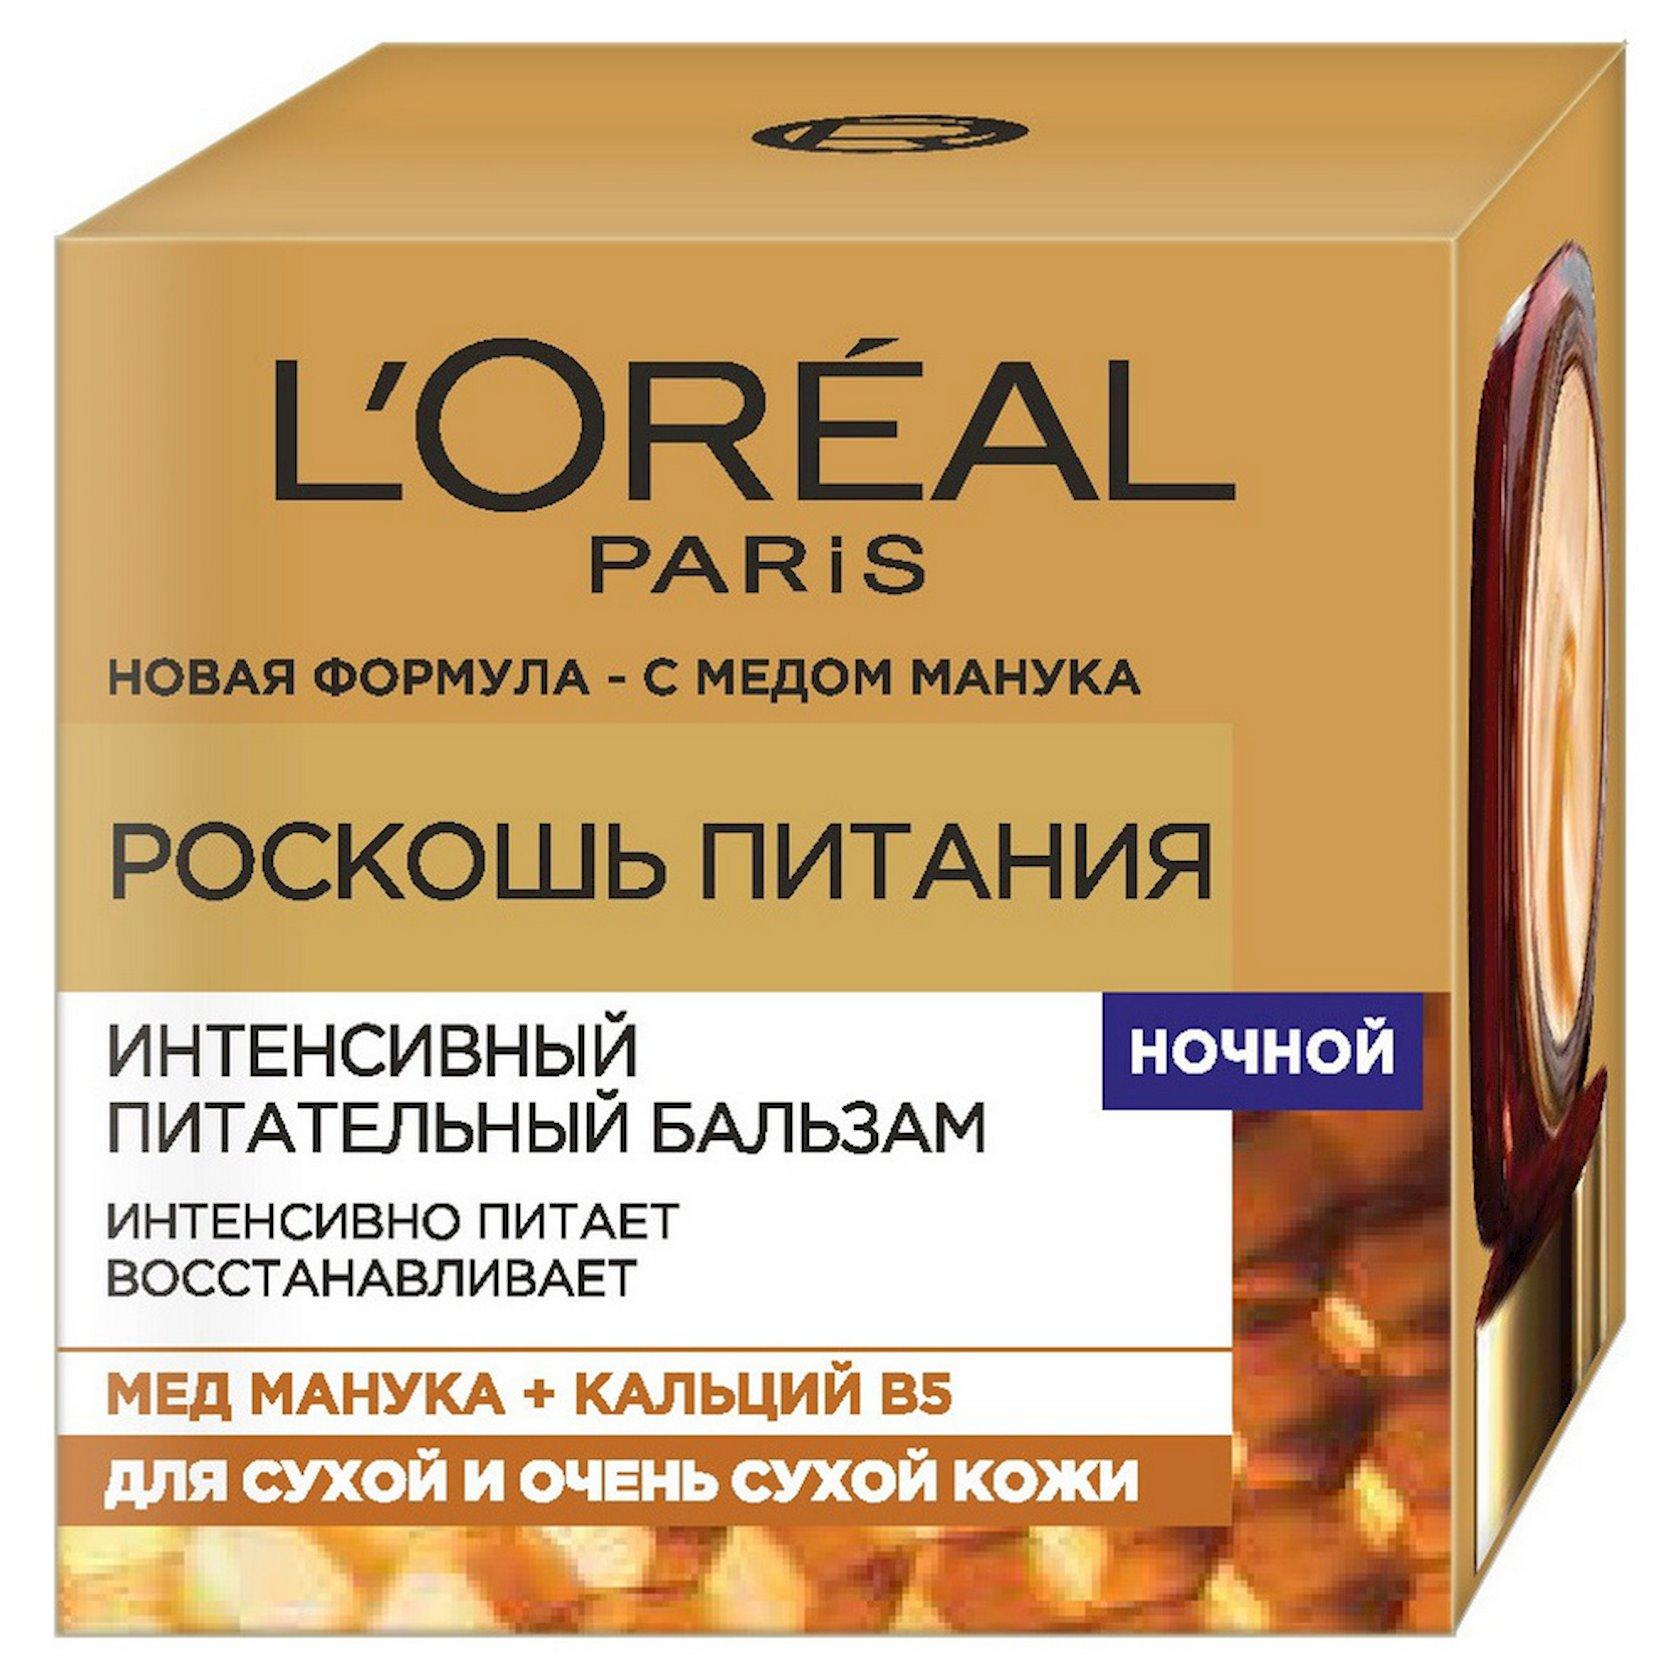 """Balzam üz üçün gecə L'Oreal Paris """"Qidalandırma dəbdəbəsi"""", manuka balı və Kalsium B5 ilə, 50 ml"""